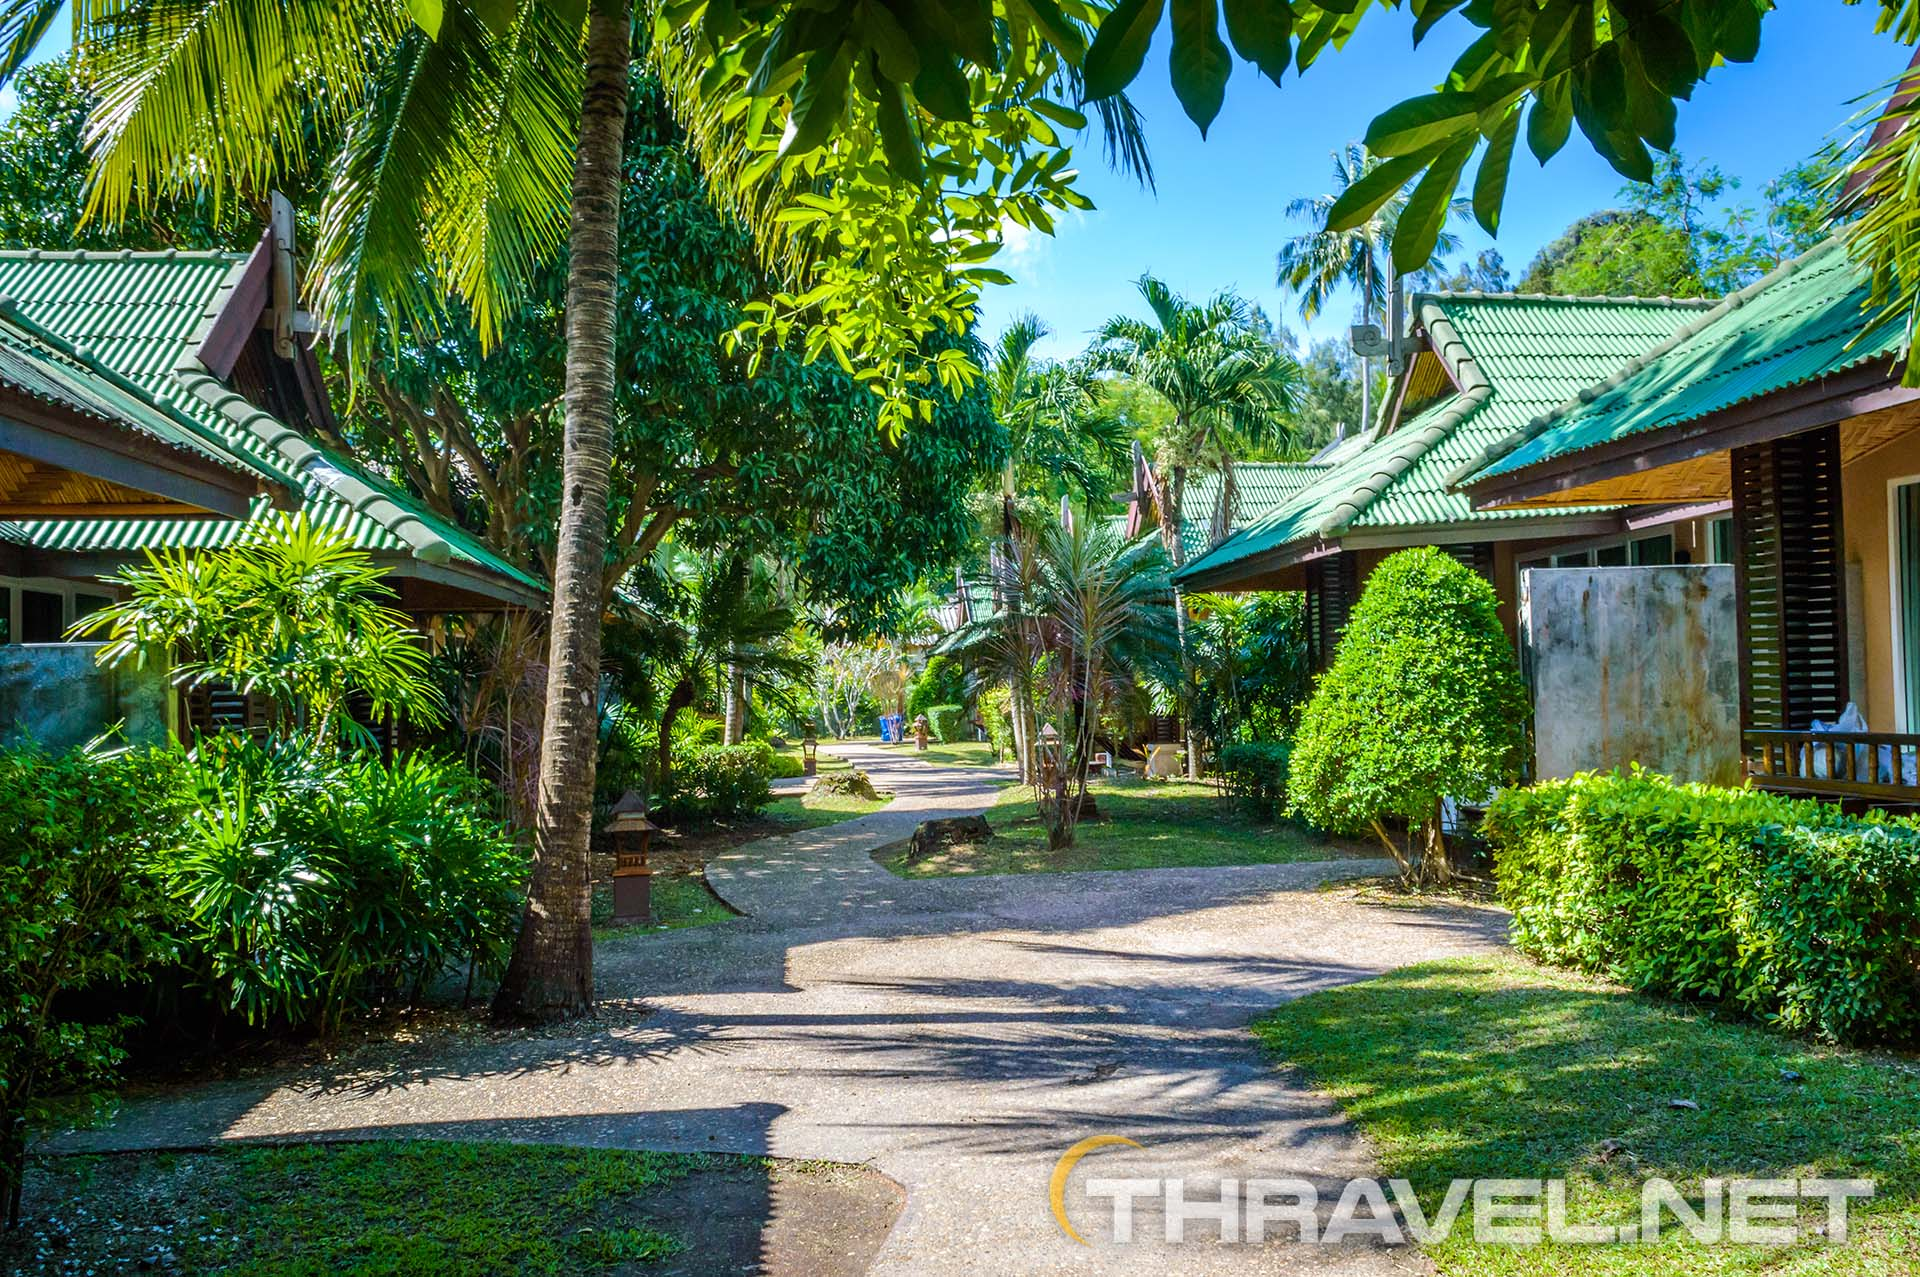 Railey-bay-resort-private-villa.